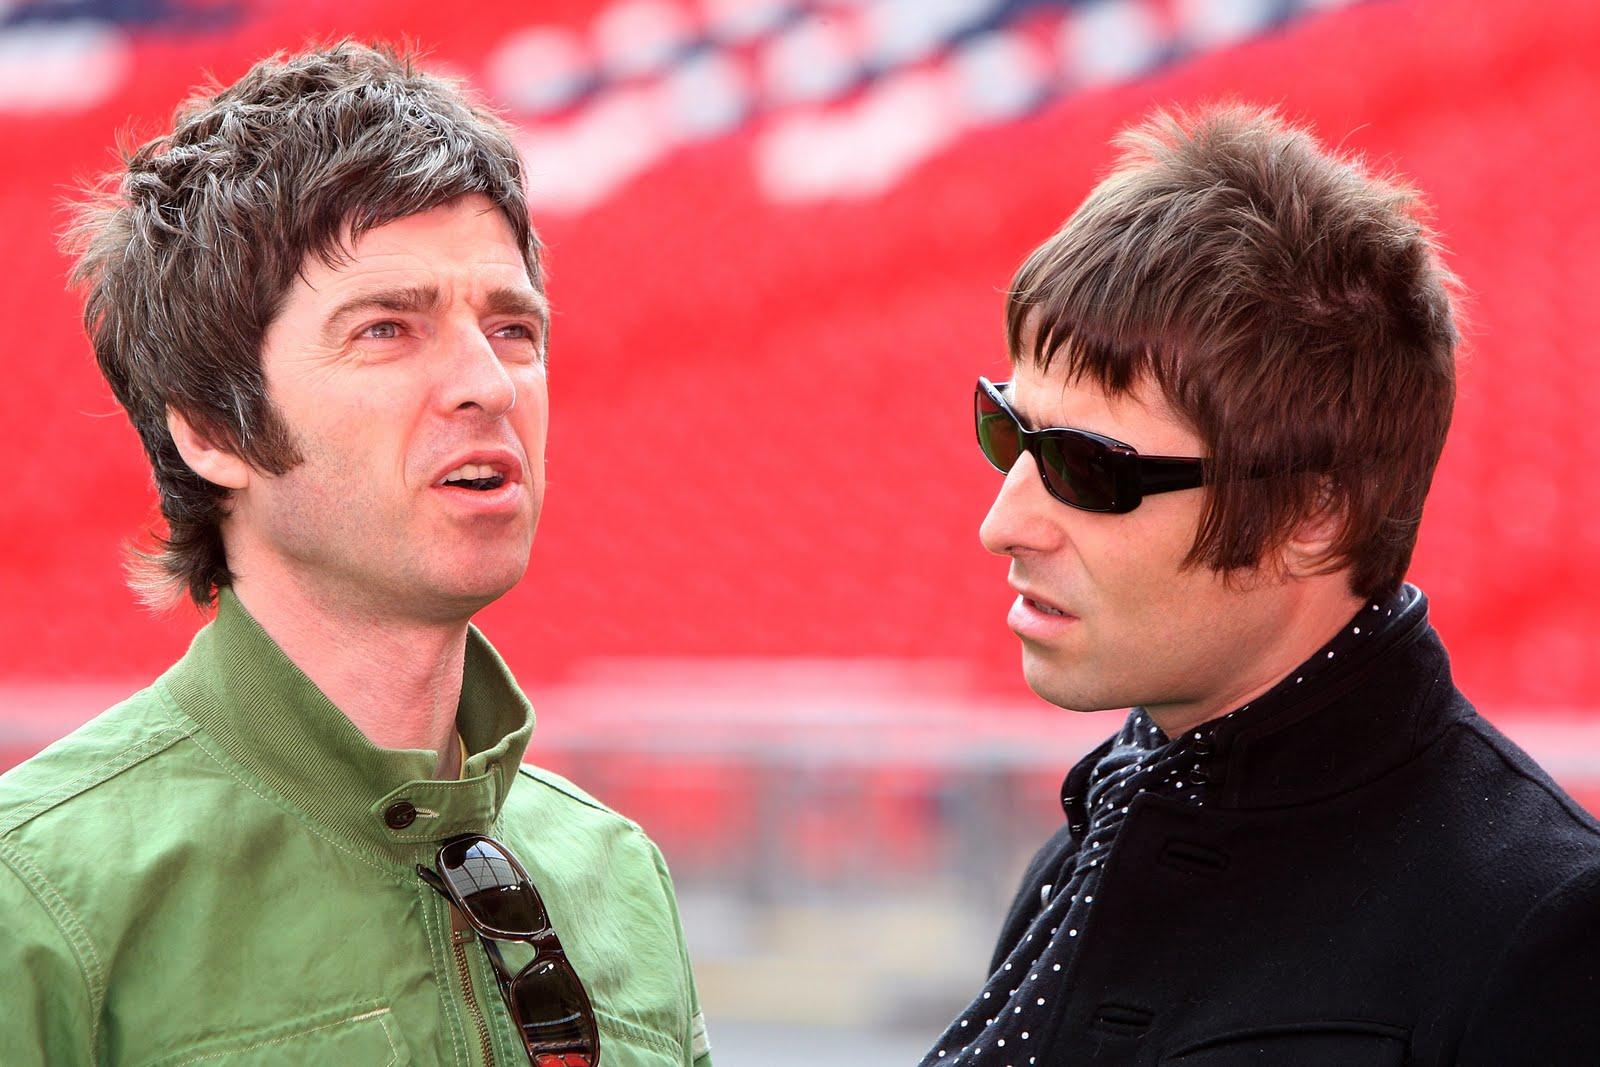 Sigue la pelea entre los Gallagher: Liam confirma que una canción de su nuevo disco está dedicada a su hermano